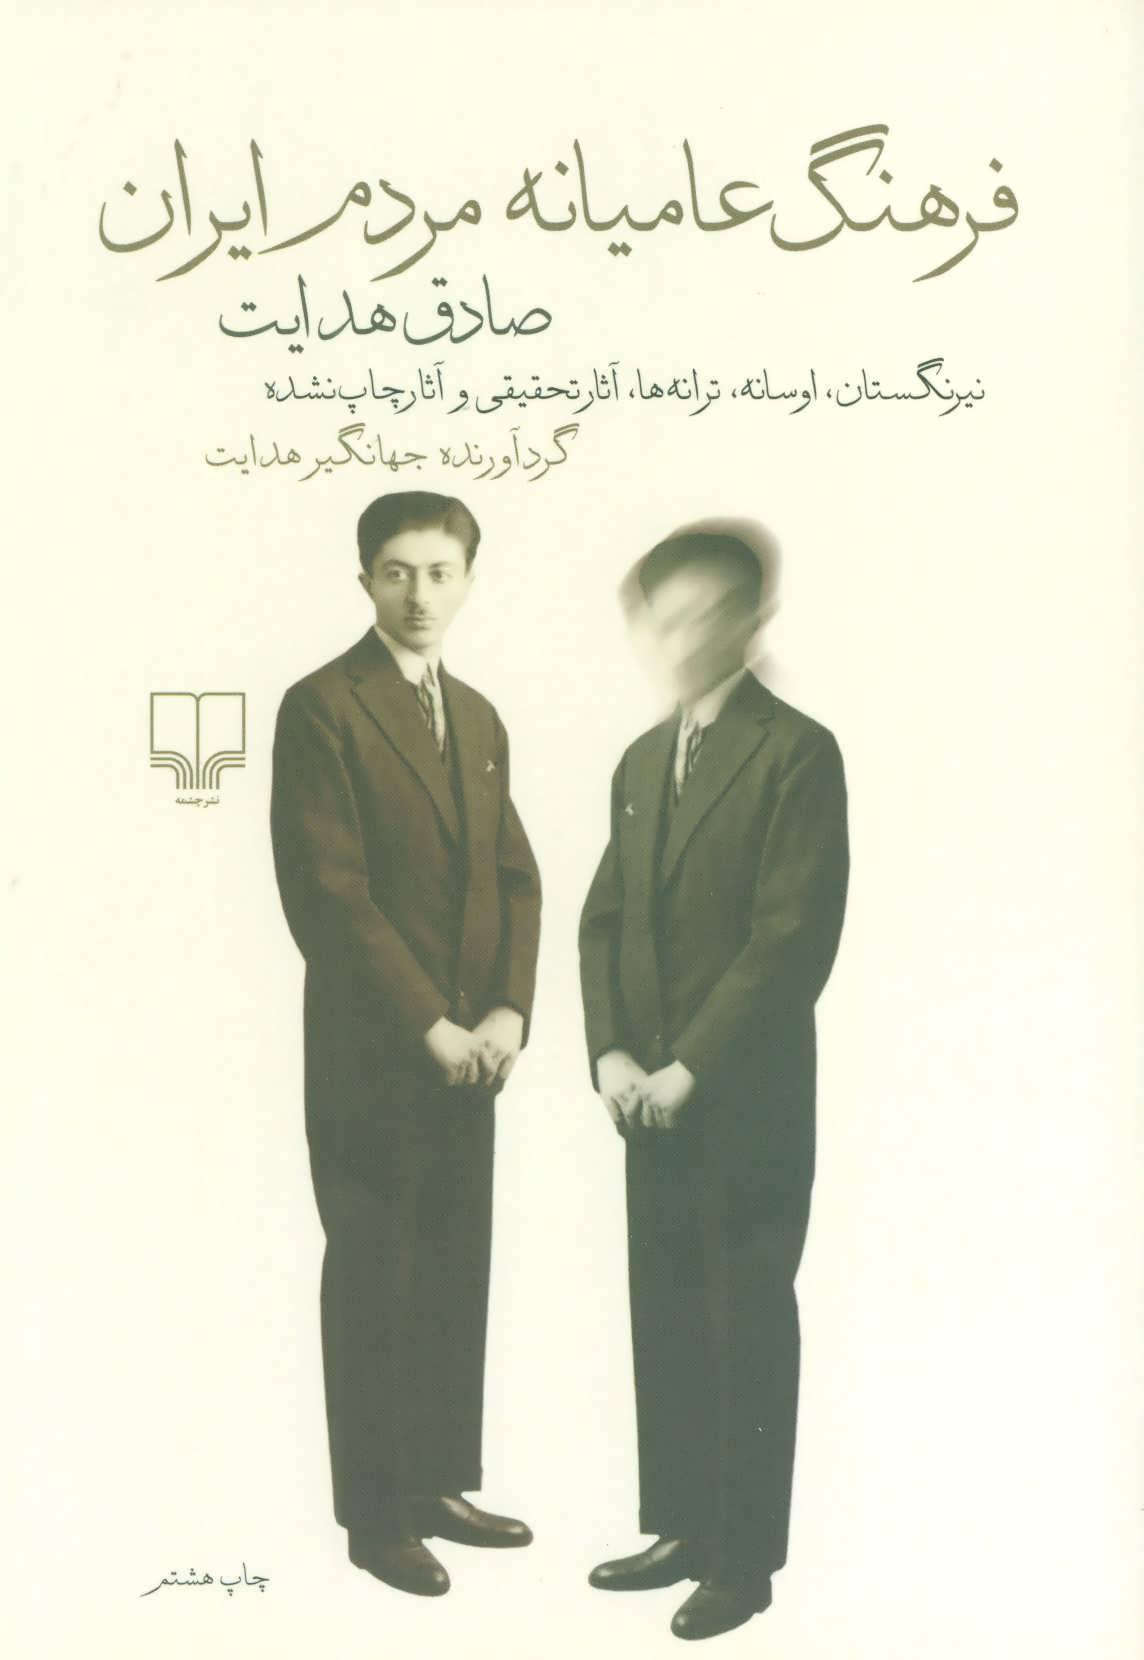 فرهنگ عامیانه مردم ایران (نیرنگستان،اوسانه،ترانه ها،آثار تحقیقی و آثار چاپ نشده)